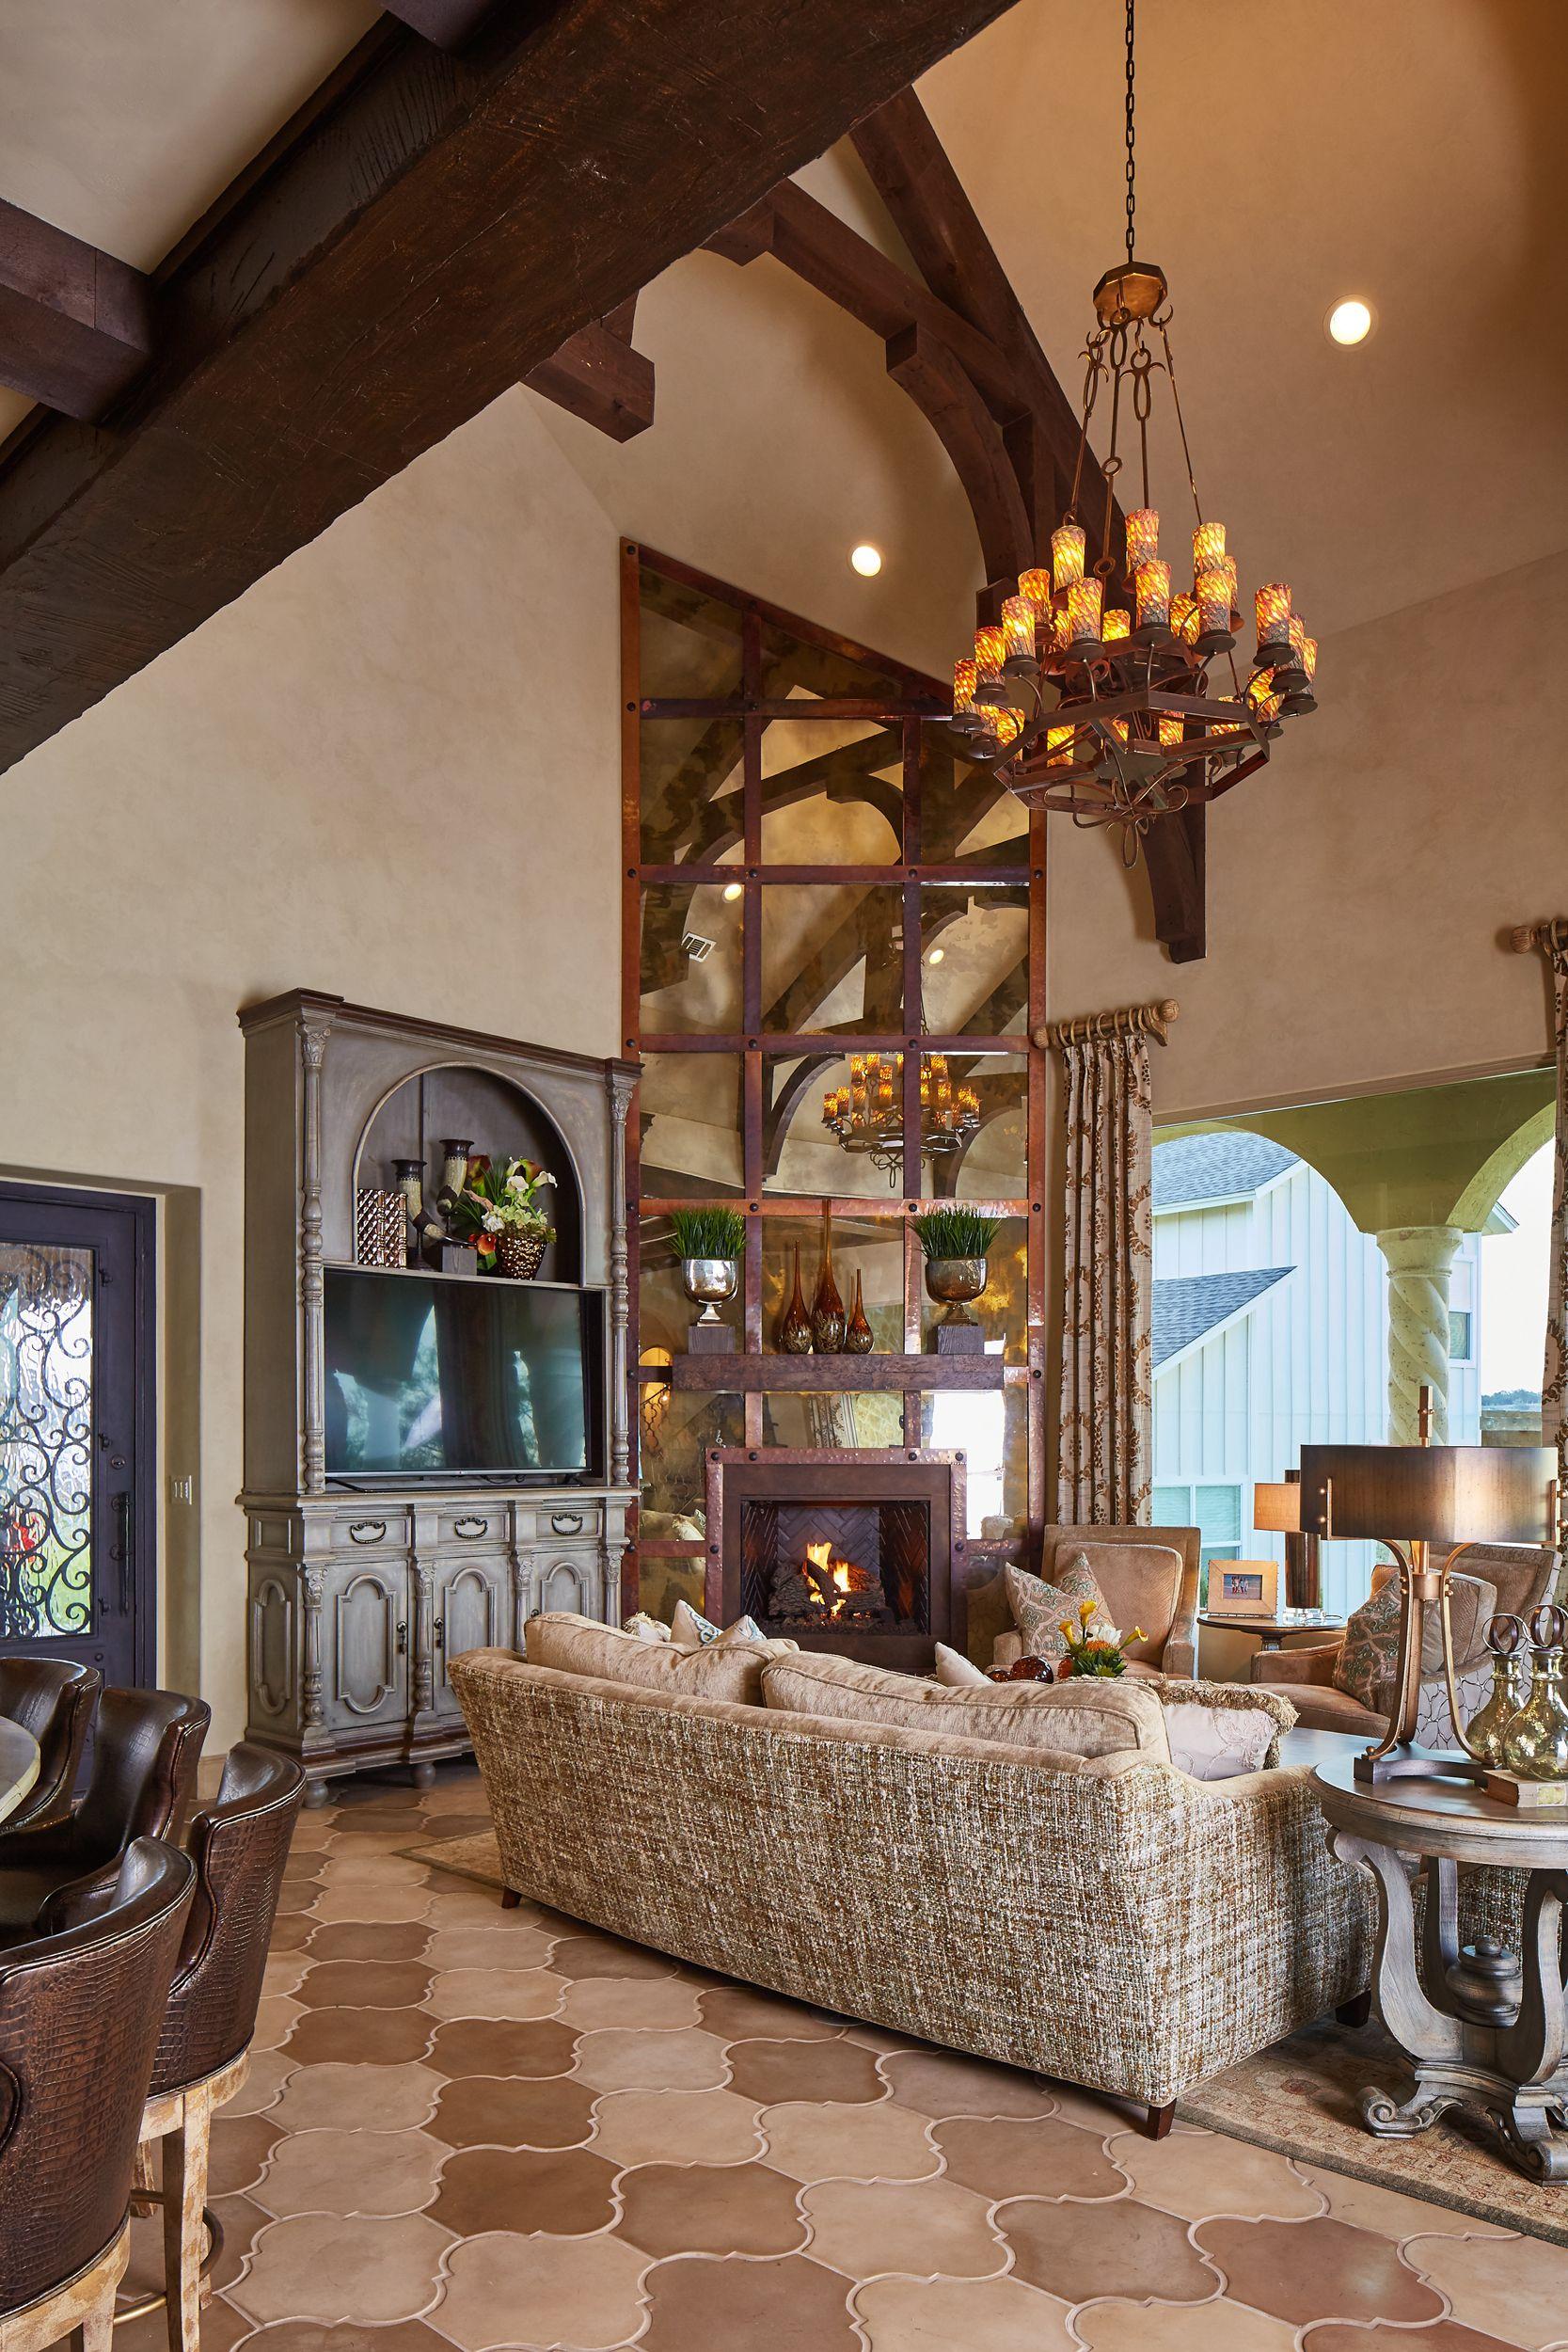 Living Room Paint Design Ideas: Paint Color Palettes By Grandeur Design On Grandeur Living